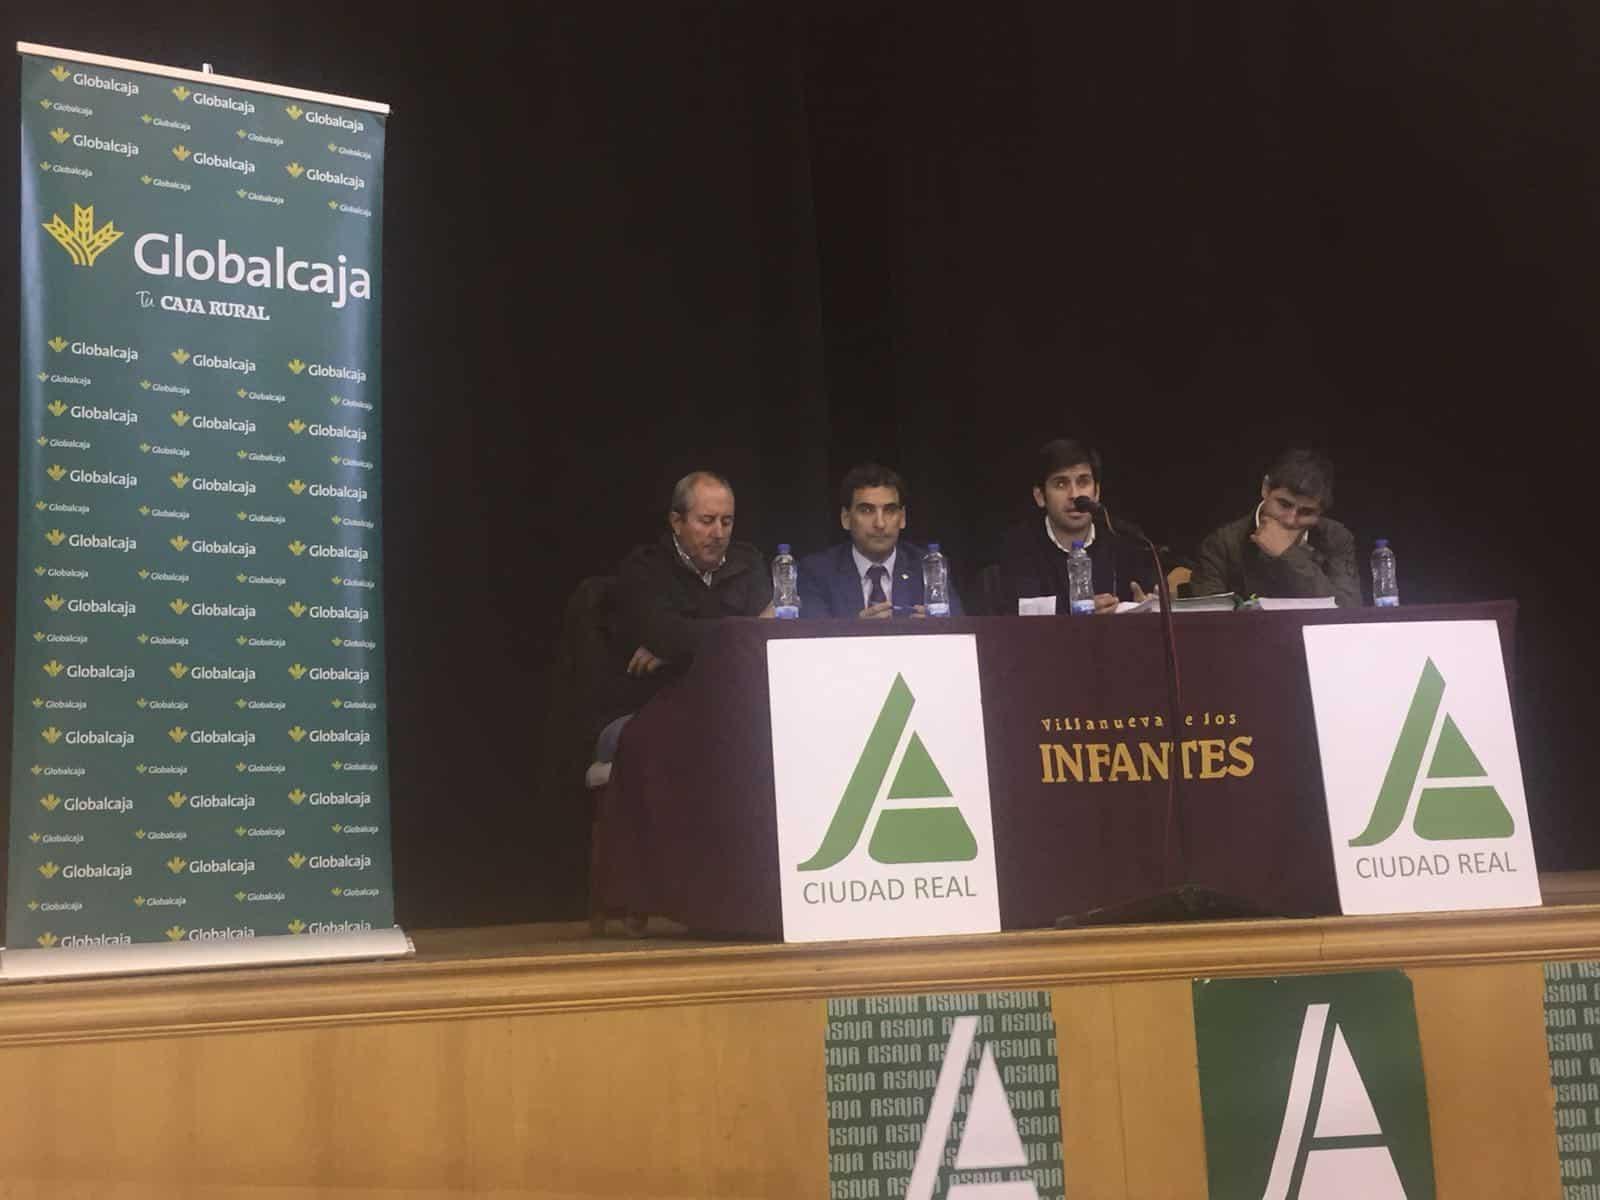 https://blog.globalcaja.es/wp-content/uploads/2017/11/ASAJA-CAMPO-DE-MONTIEL.jpg